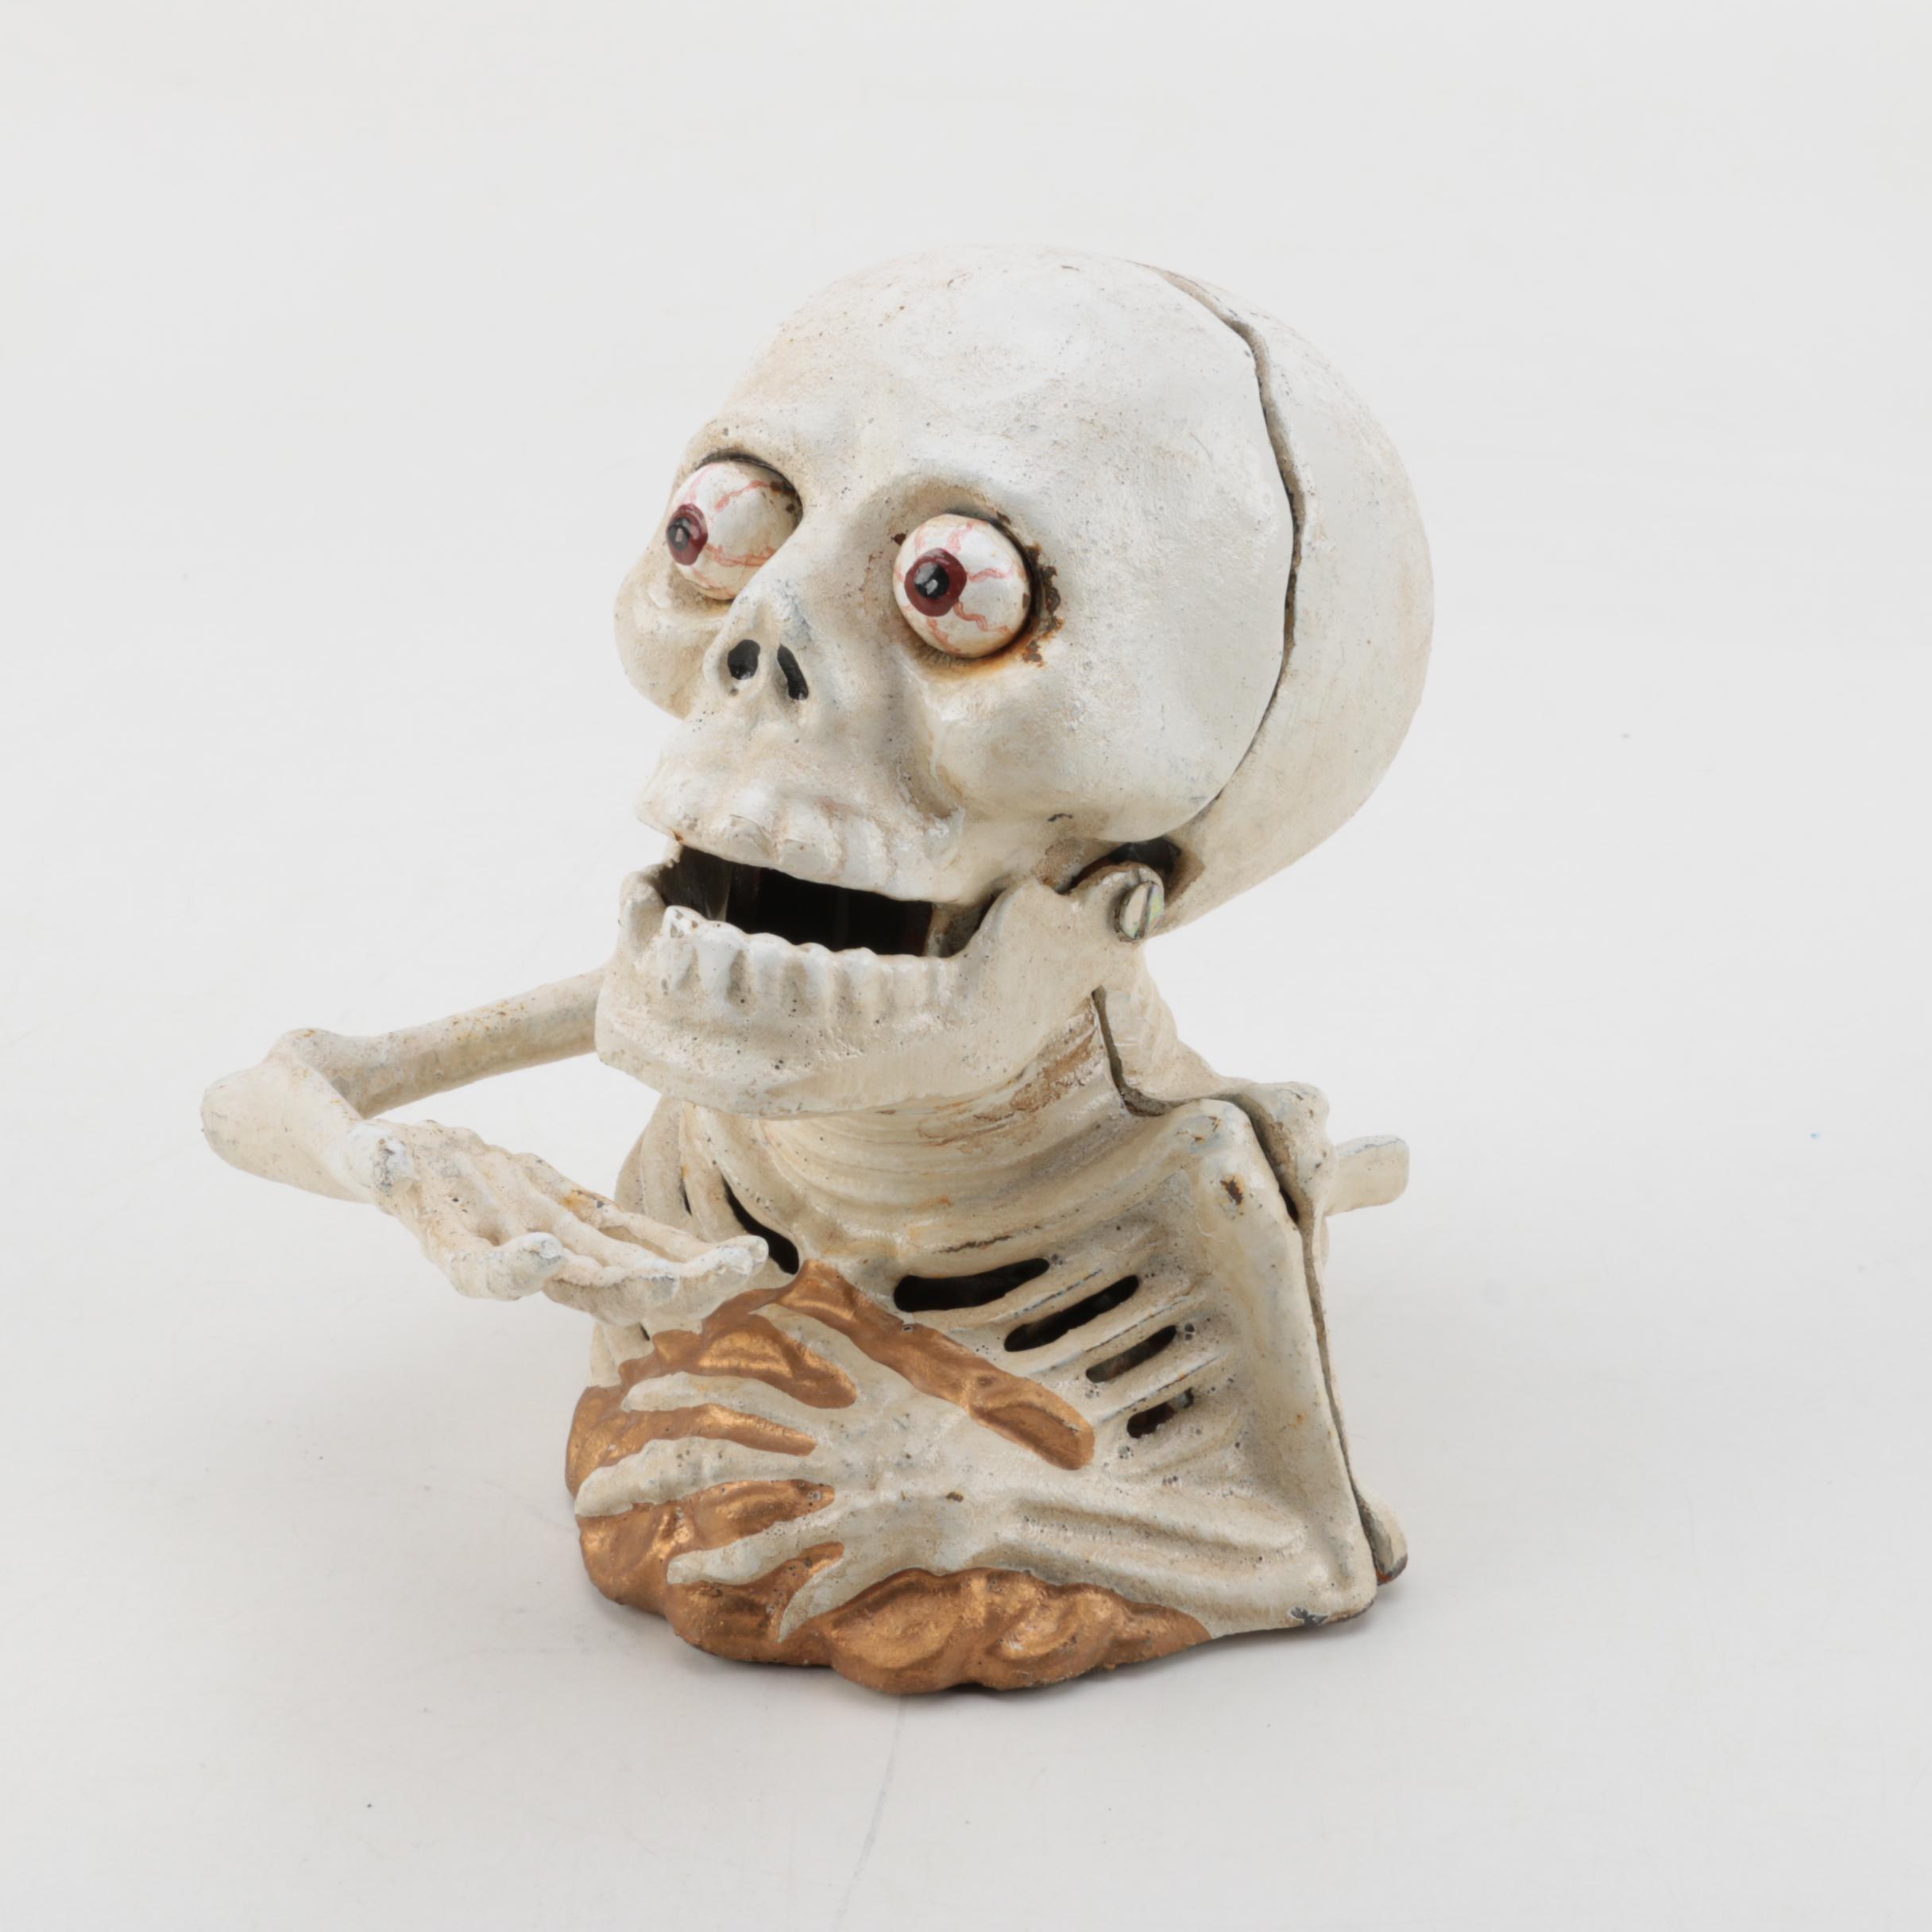 Vintage Cast Iron Mechanical Skeleton Bank